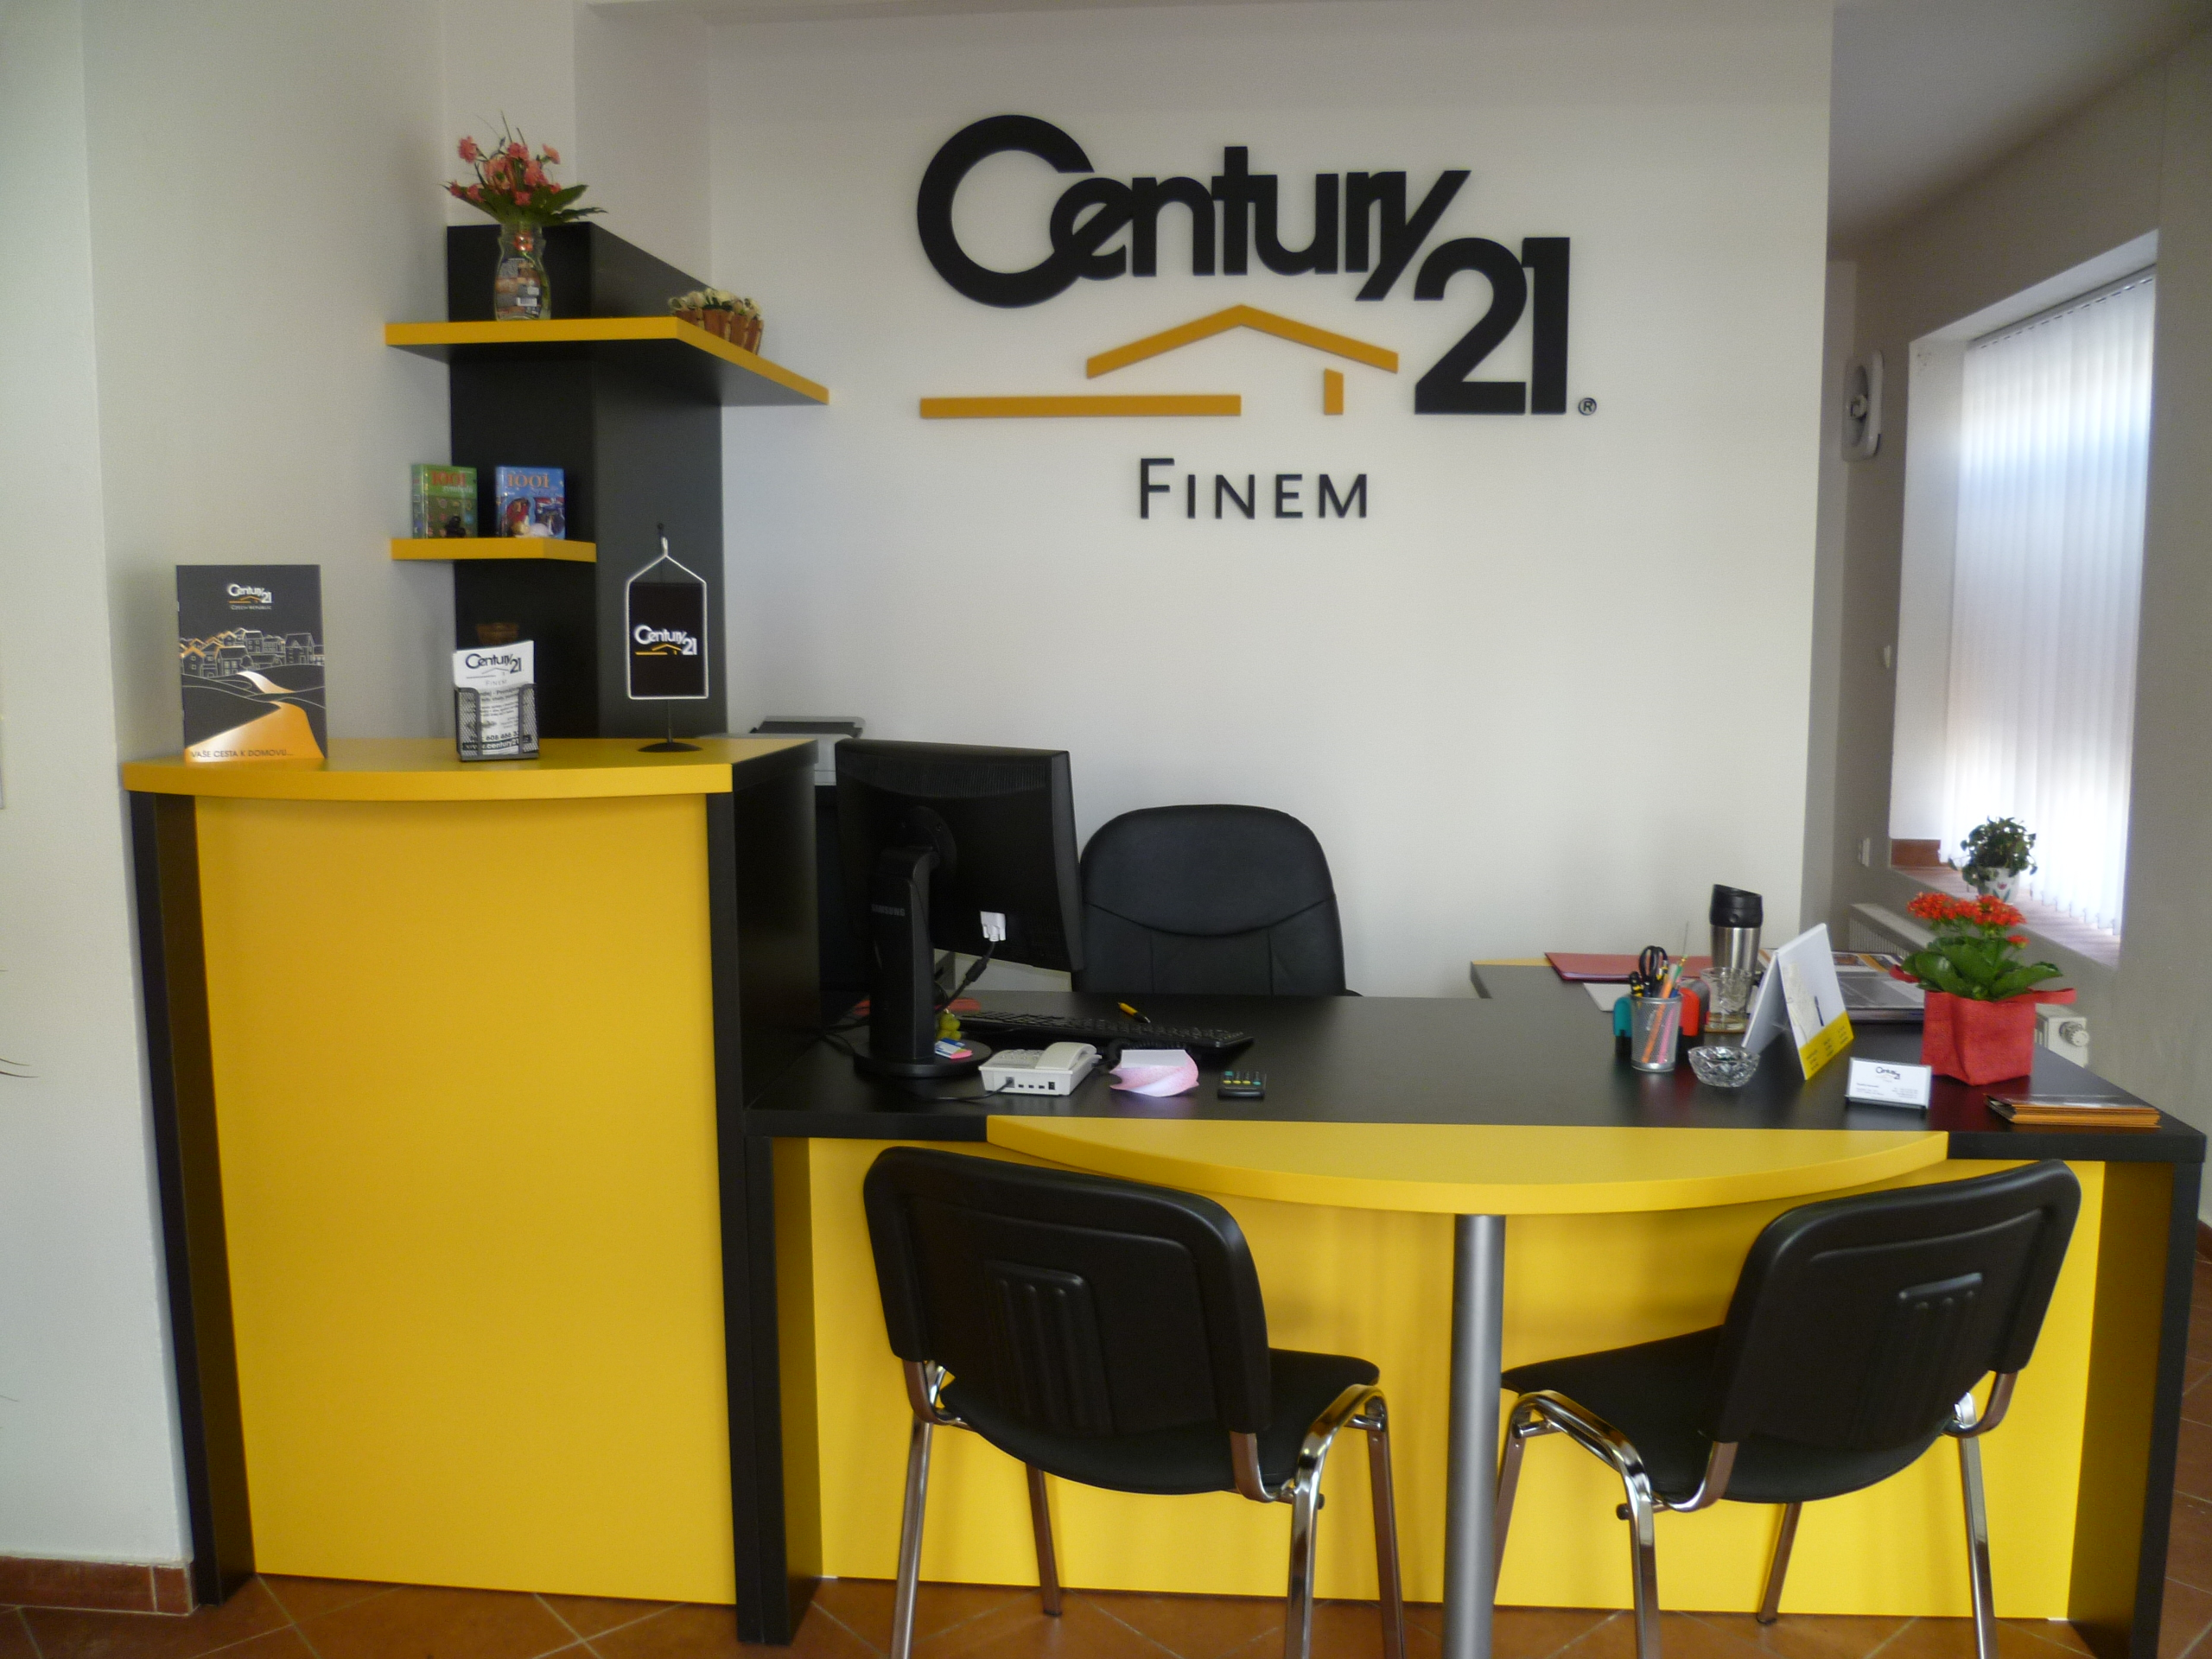 CENTURY 21 Finem - 14848